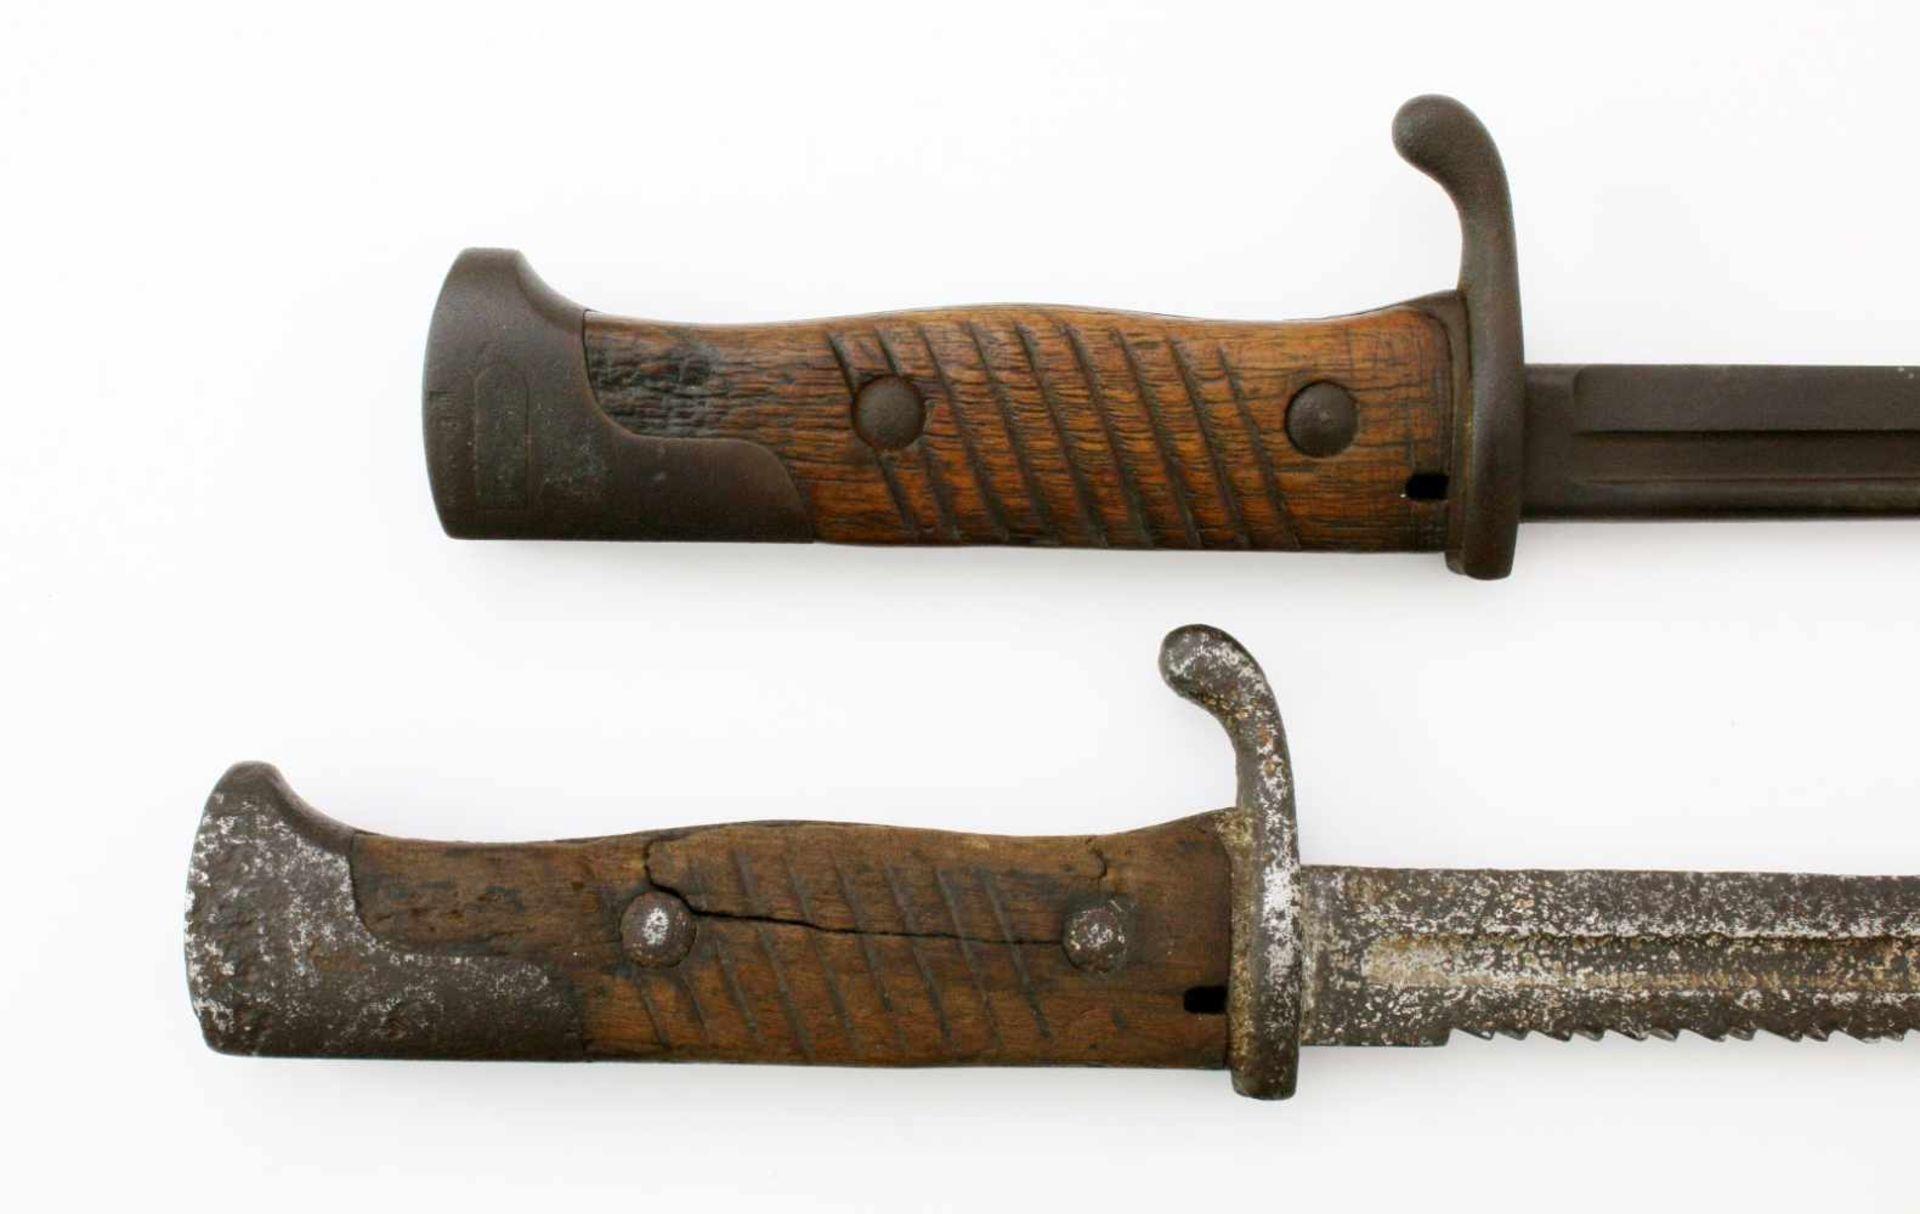 Deutsches Reich / Preußen - 2 Seitengewehre M18981x SG 1898, Steckrücken-Klinge mit Schör, - Bild 4 aus 4